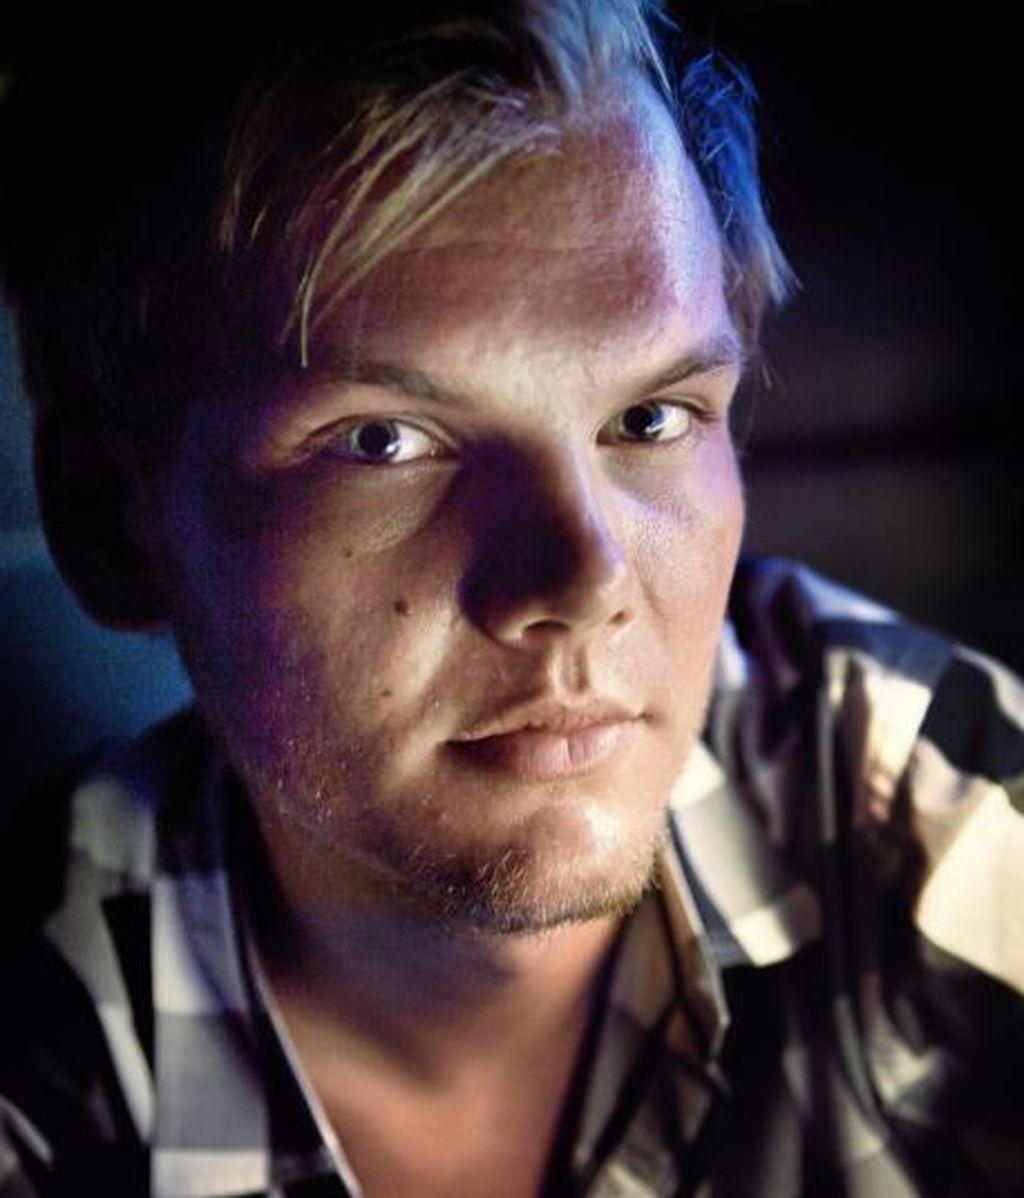 ¿Quién fue Avicci? La vida del DJ sueco en cinco claves